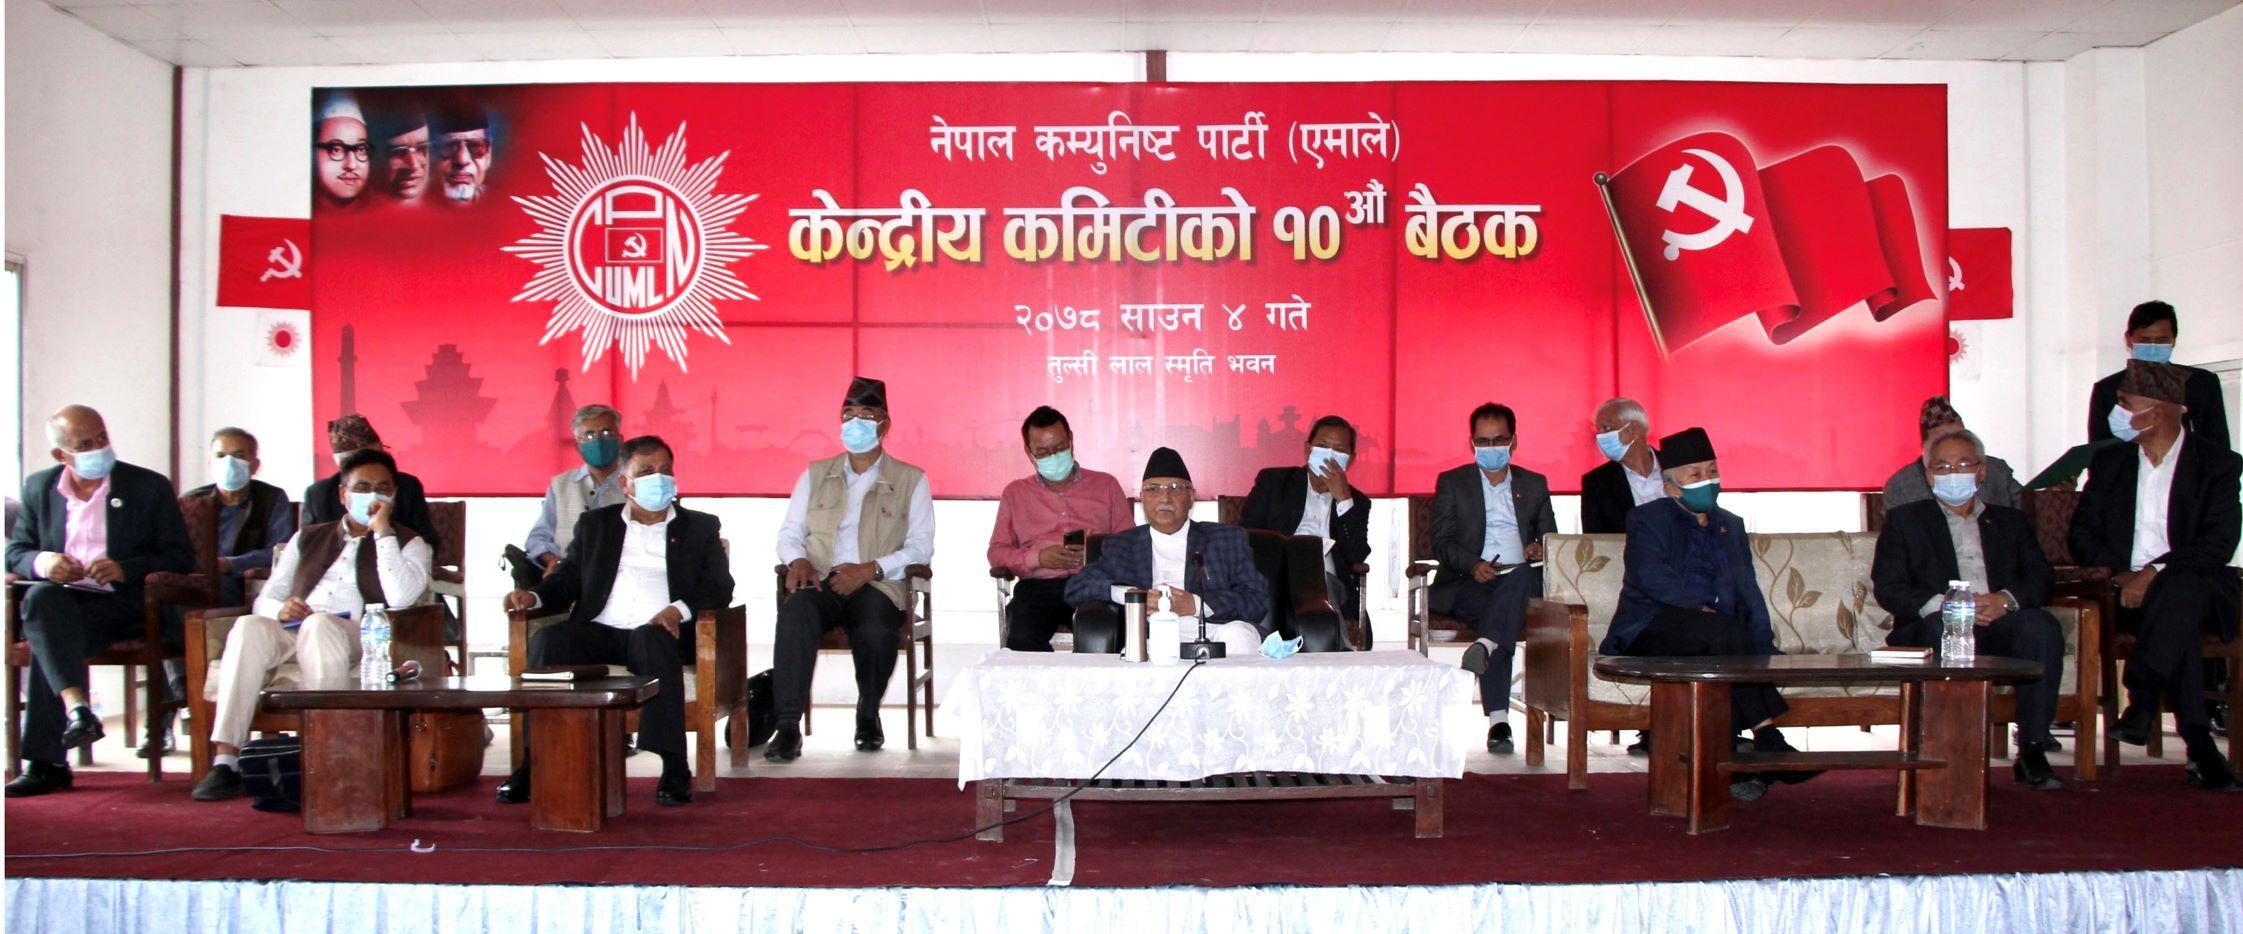 ललितपुरको च्यासल स्थिति तुल्सीलाल स्मृति प्रतिष्ठानमा सोमबार बसेको नेपाल कम्युनिष्ट पार्टी (एमाले) को केन्द्रीय कमिटीको बैठकमा अध्यक्ष केपी शर्मा ओलीलगायत सहभागी । चन्द्रकला क्षेत्री/रासस